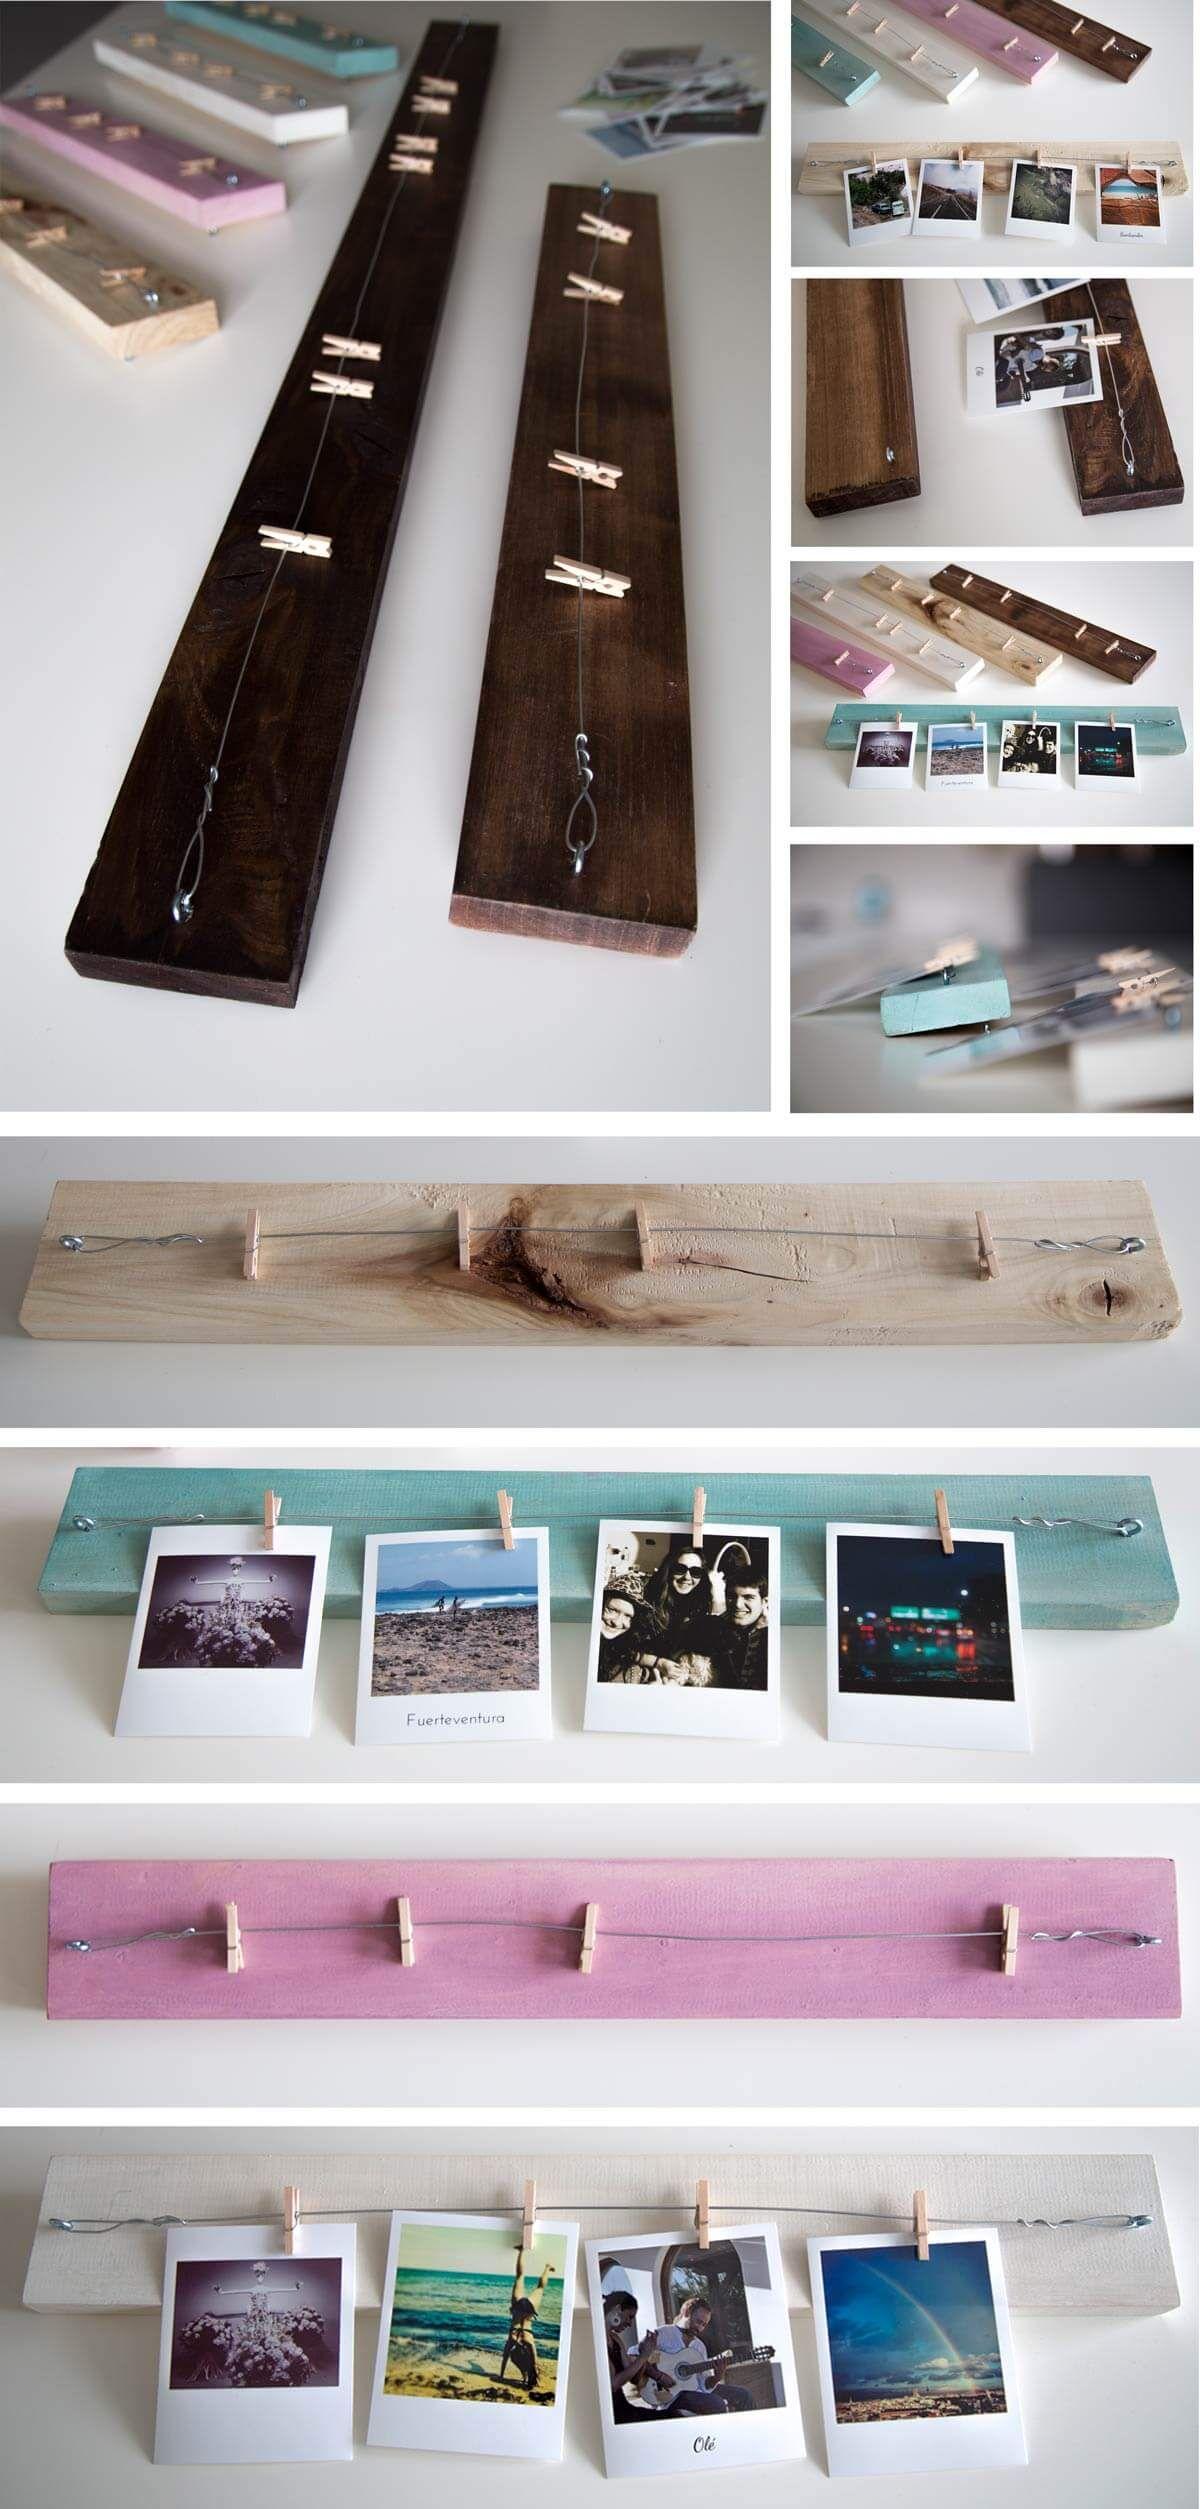 32 magnifiques idées de décoration inspirées par la famille pour présenter vos êtres chers - Décoration de maison #decoratehome